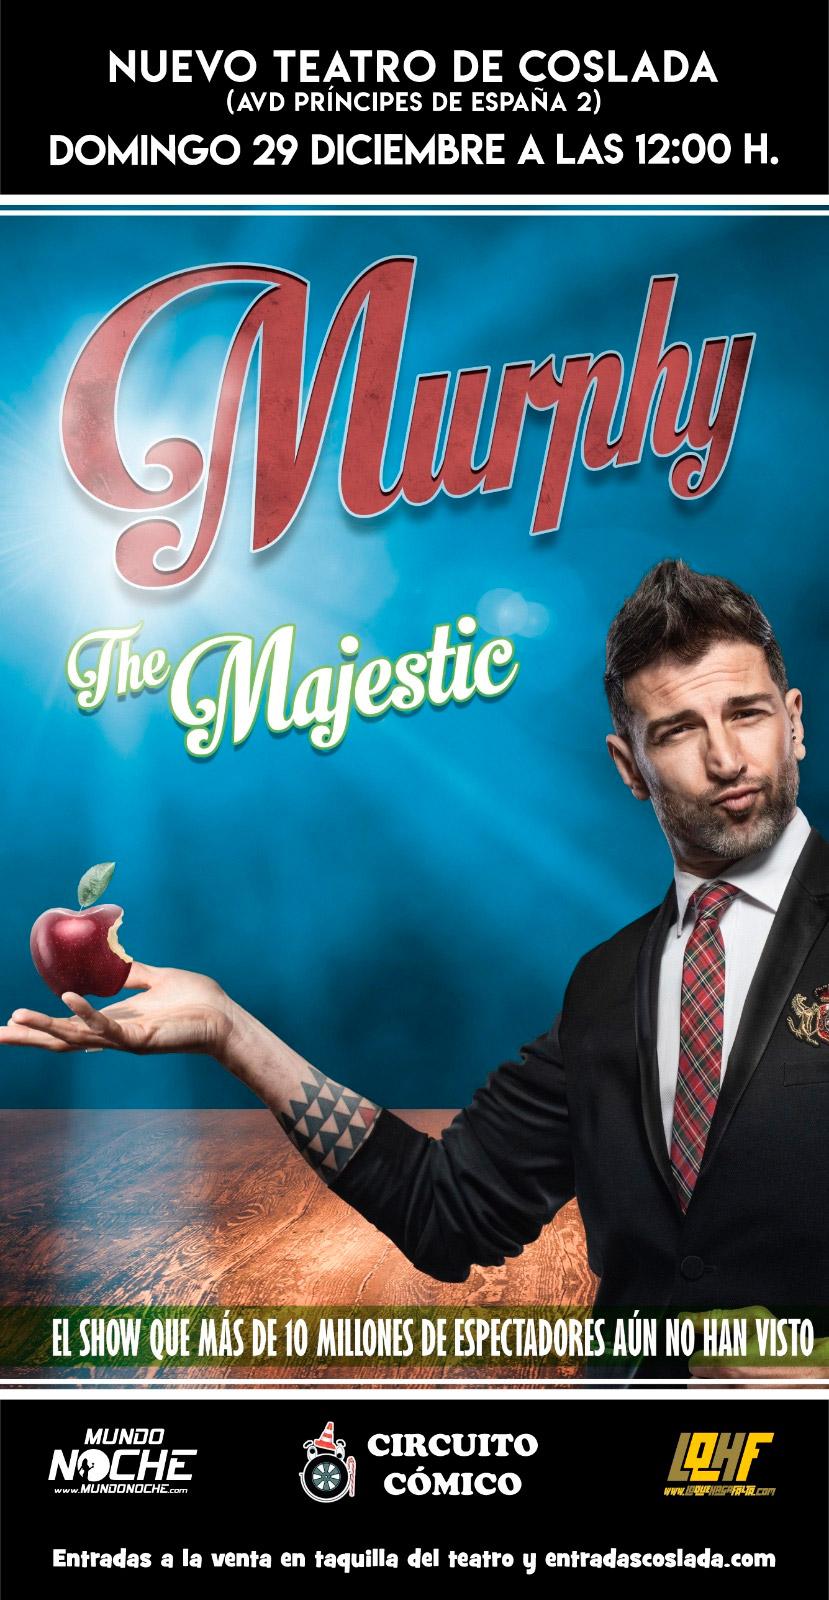 Murphy The Magician - Nuevo teatro de Coslada